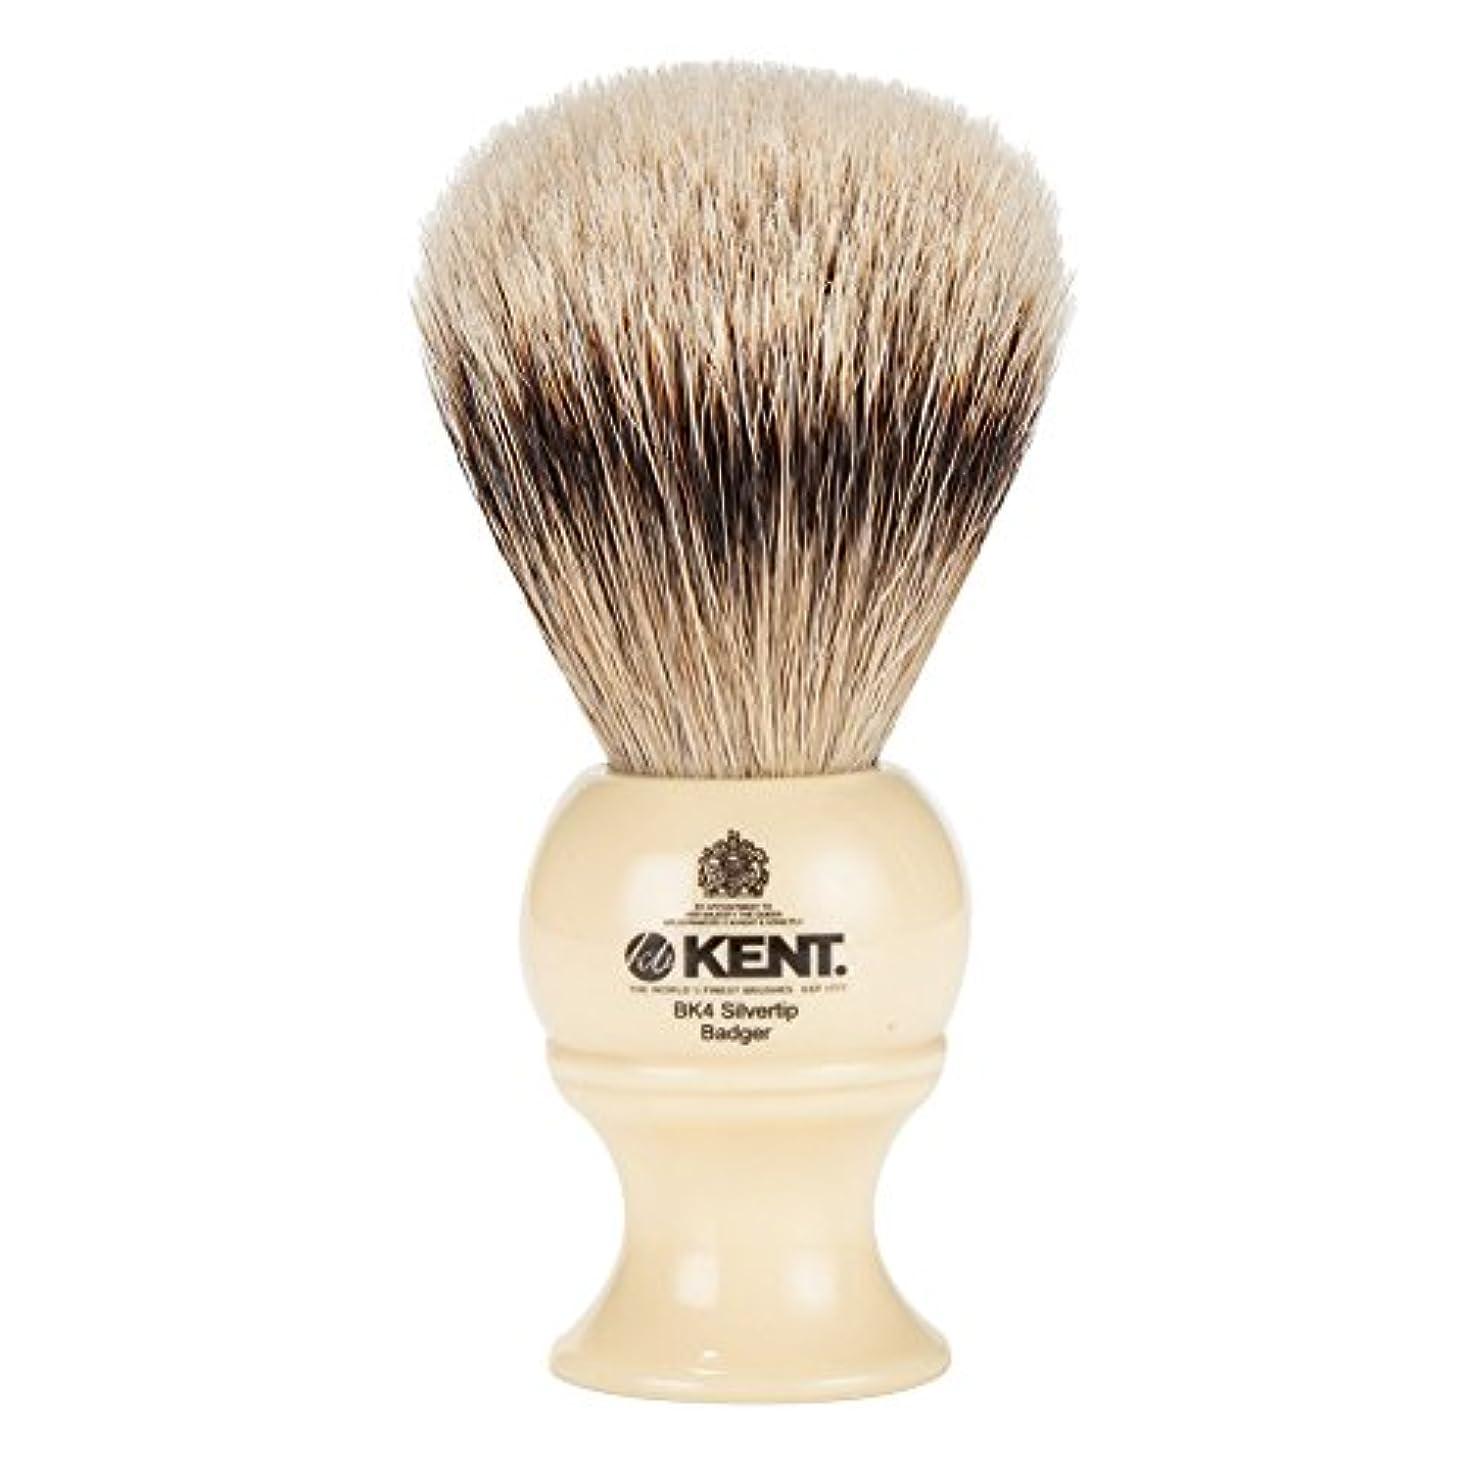 強大なアセンブリ口実[ ケント ブラシ ] Kent Brush シルバーチップアナグマ シェービングブラシ (Mサイズ) BK4 ホワイト 髭剃り [並行輸入品]